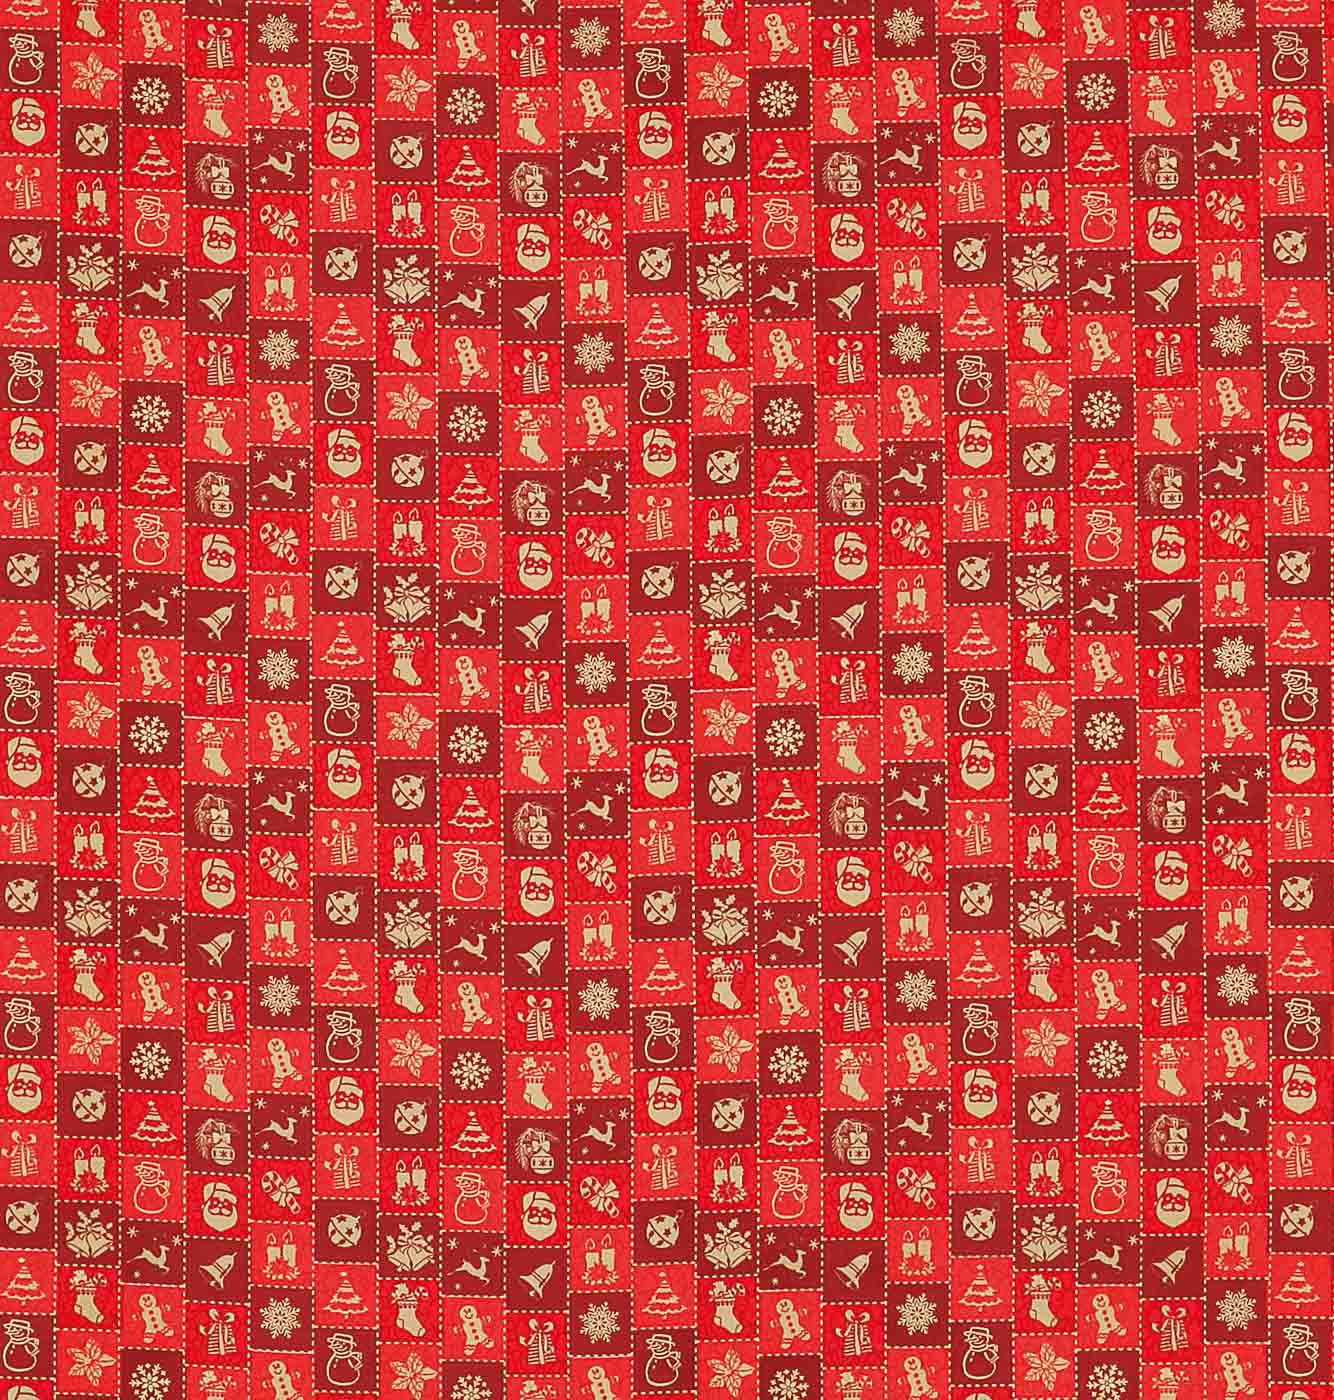 Tecido tricoline estampado dohler 100% algodão natal